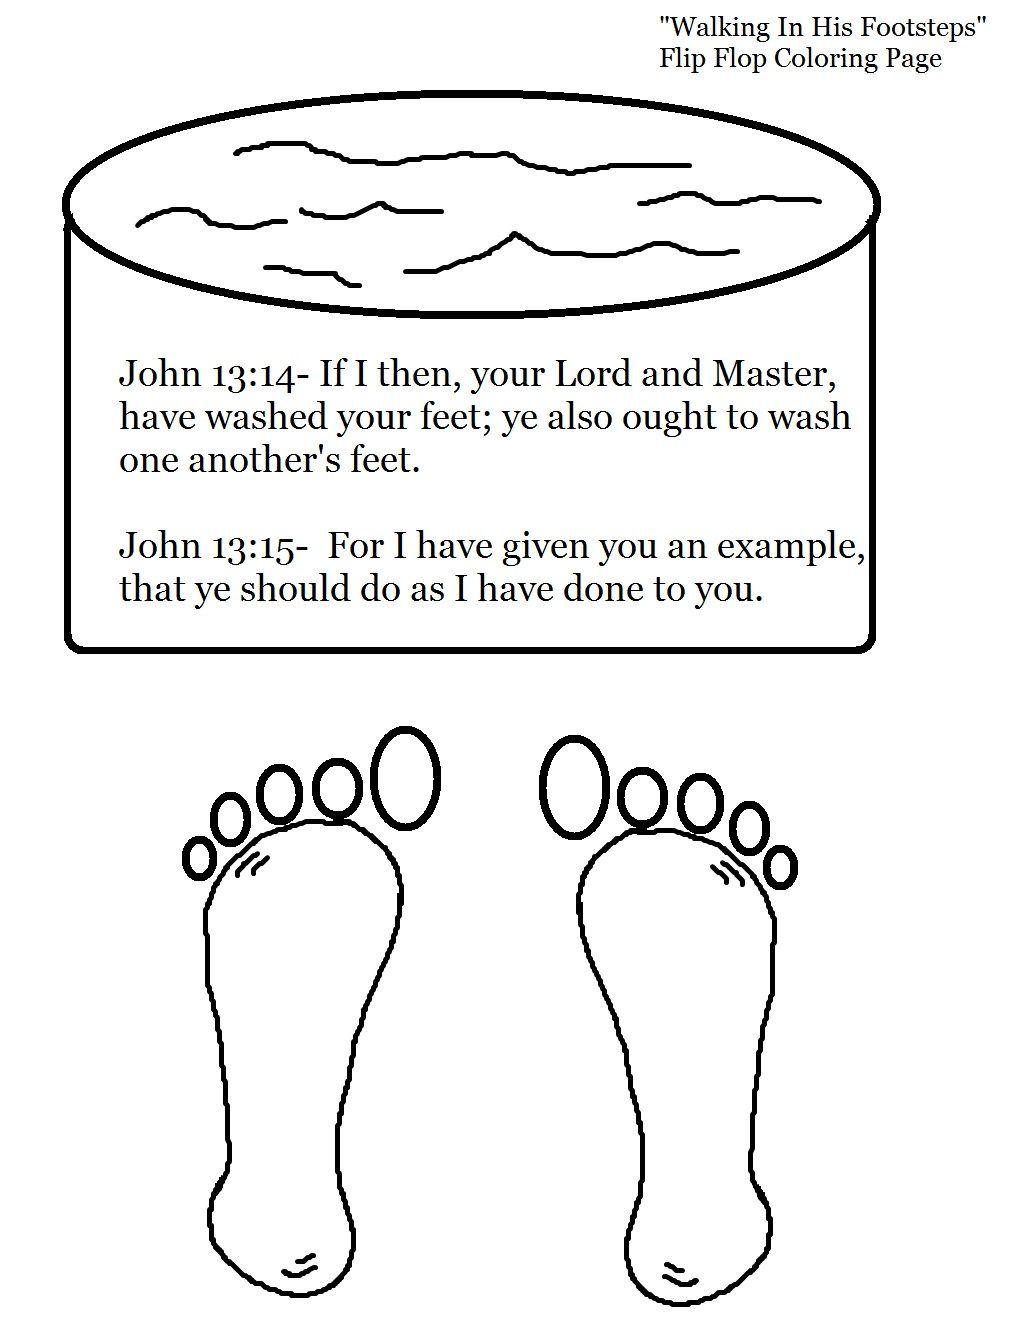 Following Jesus Footsteps Children | www.pixshark.com ...